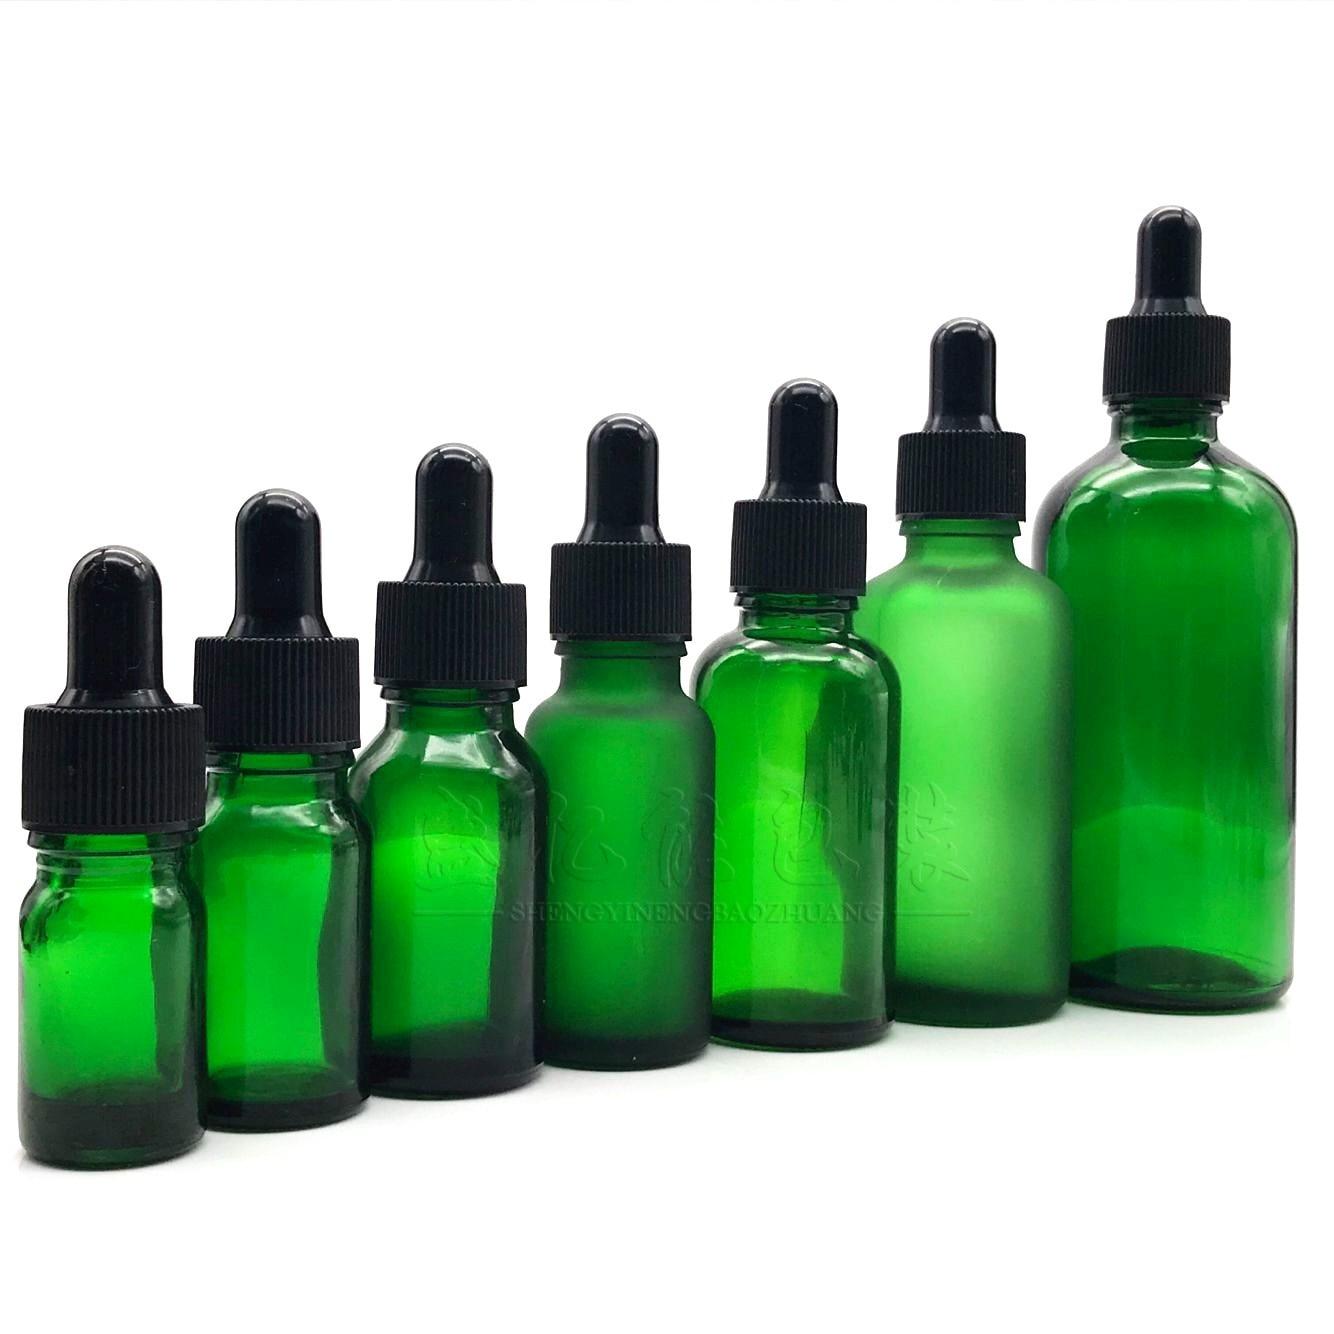 5ml-100ml Green Essential Oil Bottle Essential Oil Dispensing Bottle Dropper Essence Bottle Glass Refilable Bottles